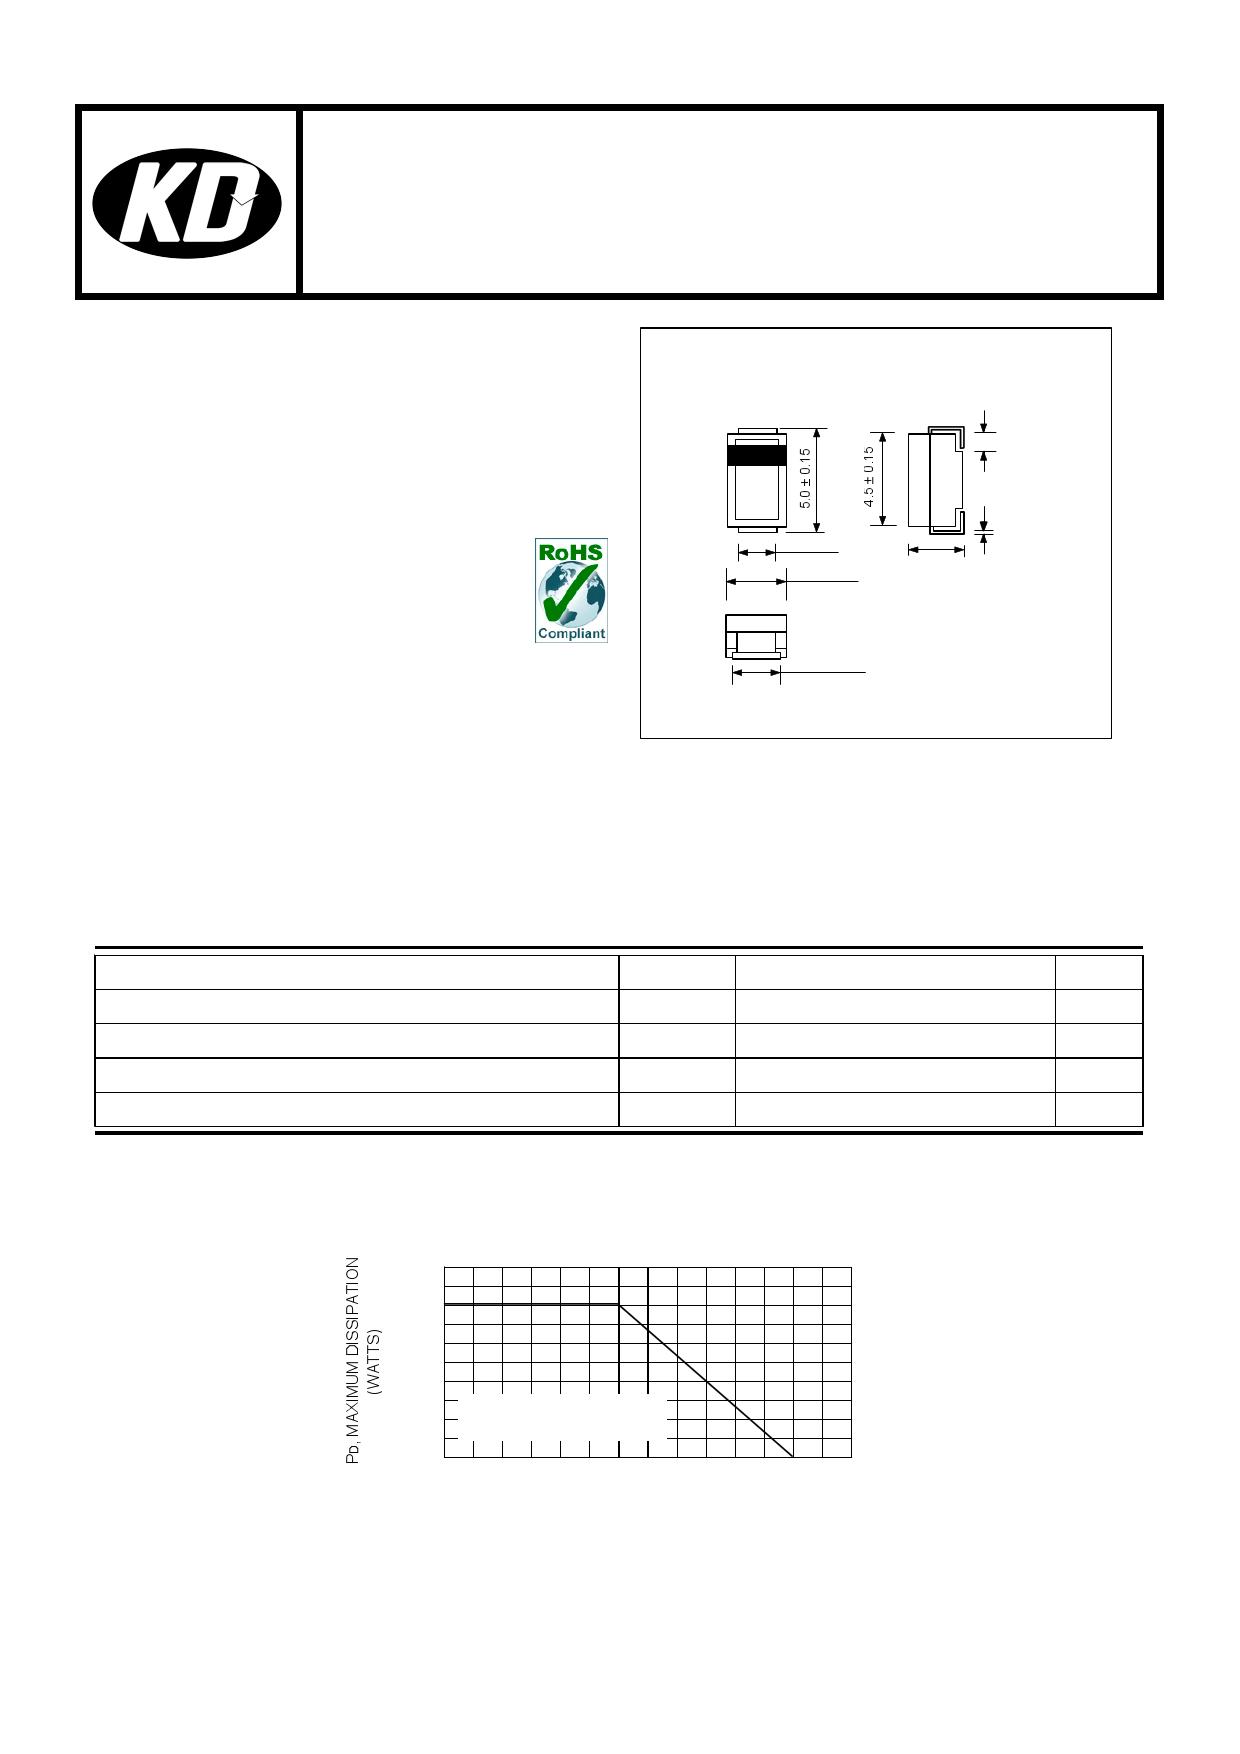 SZ40B2 datasheet